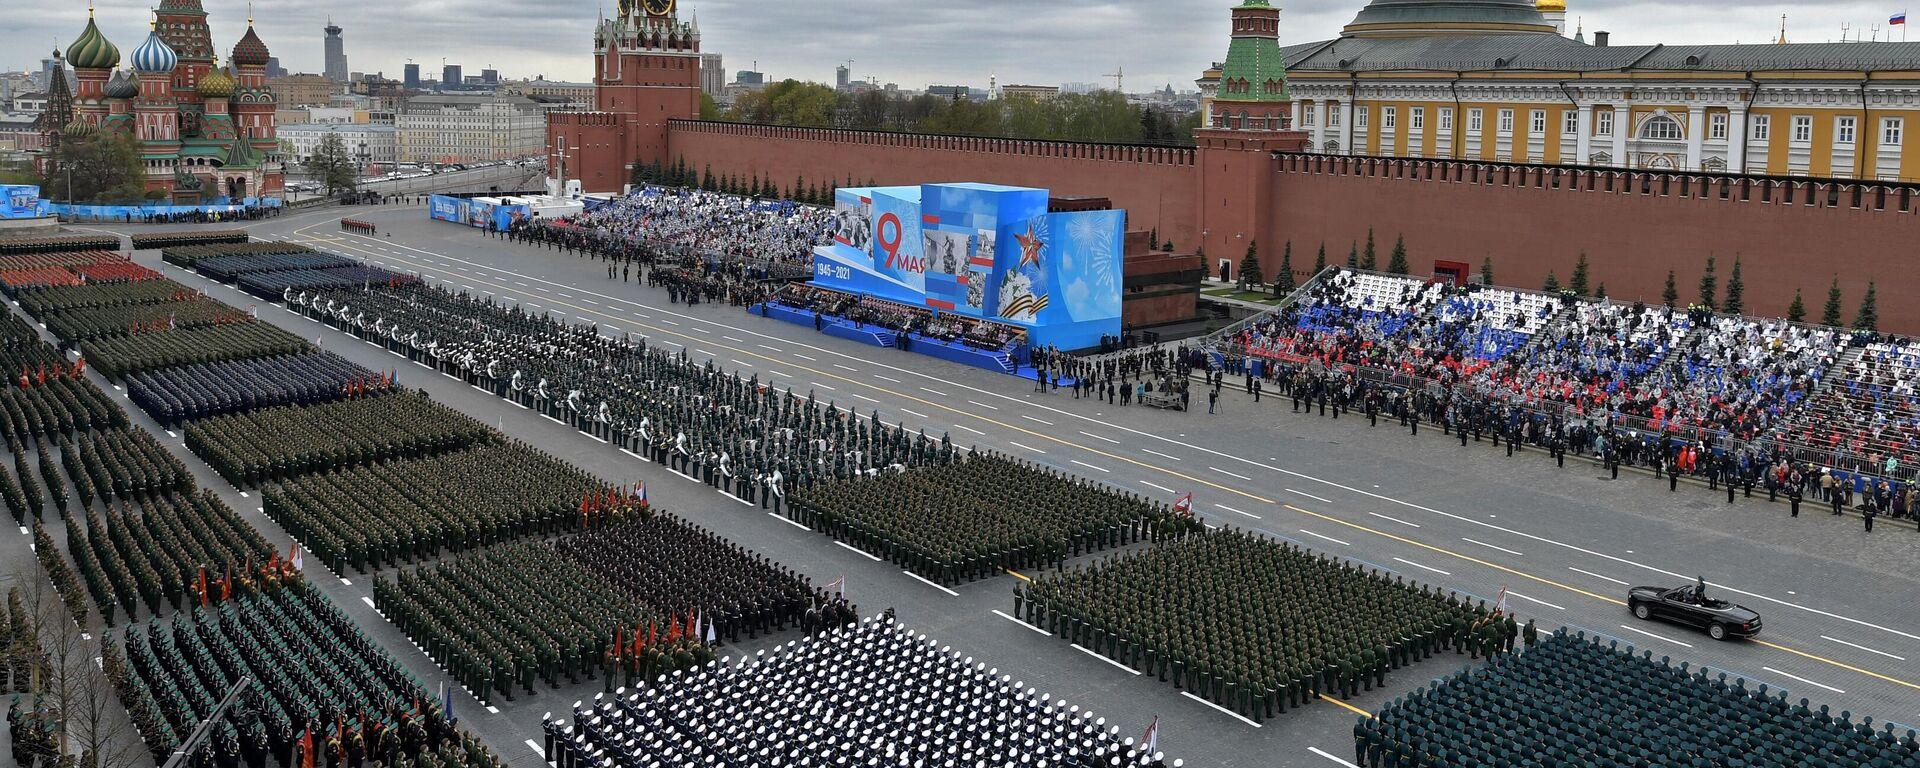 El desfile militar dedicado al 76 aniversario de la victoria en la Gran Guerra Patria en Moscú - Sputnik Mundo, 1920, 09.05.2021